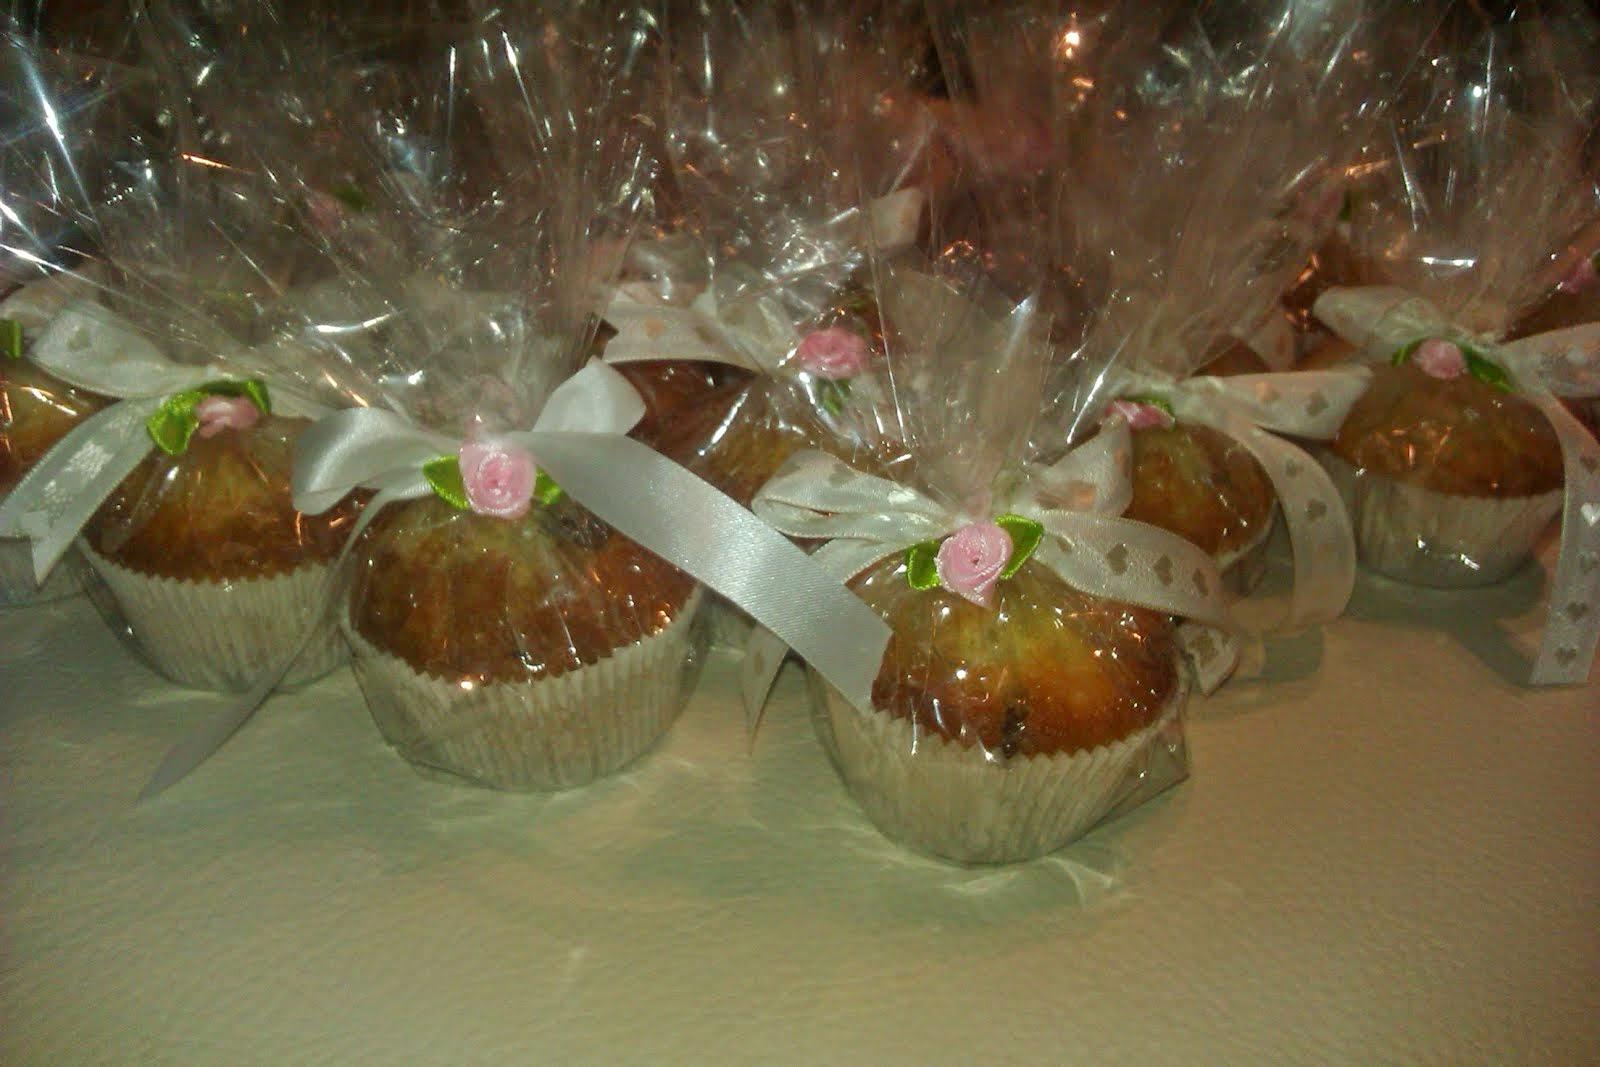 Muffiny pre učiteľov